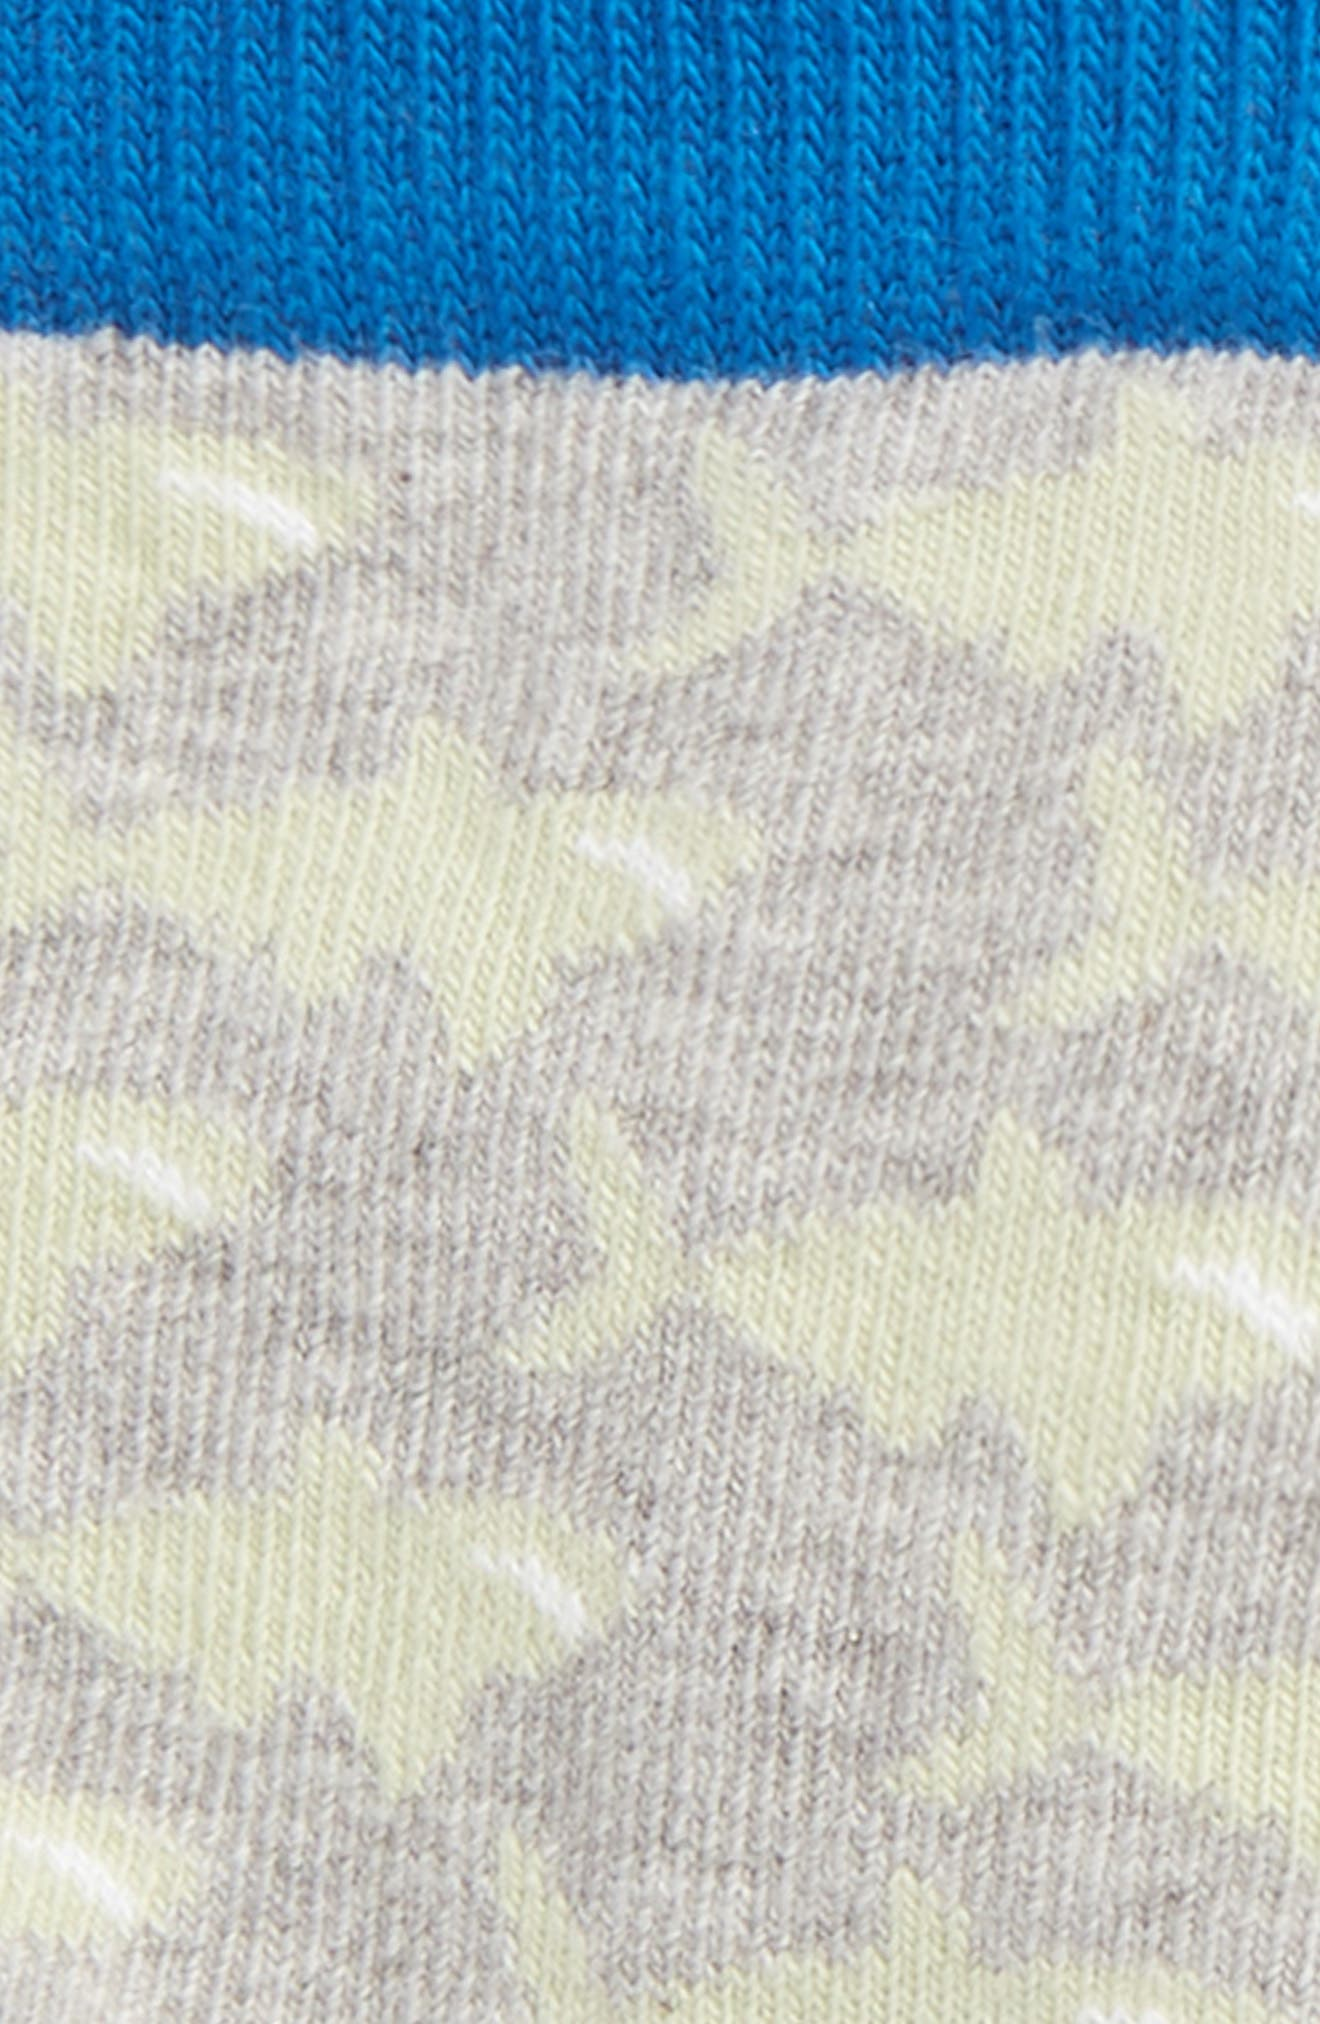 Critter Assorted 3-Pack Crew Socks,                             Alternate thumbnail 2, color,                             400